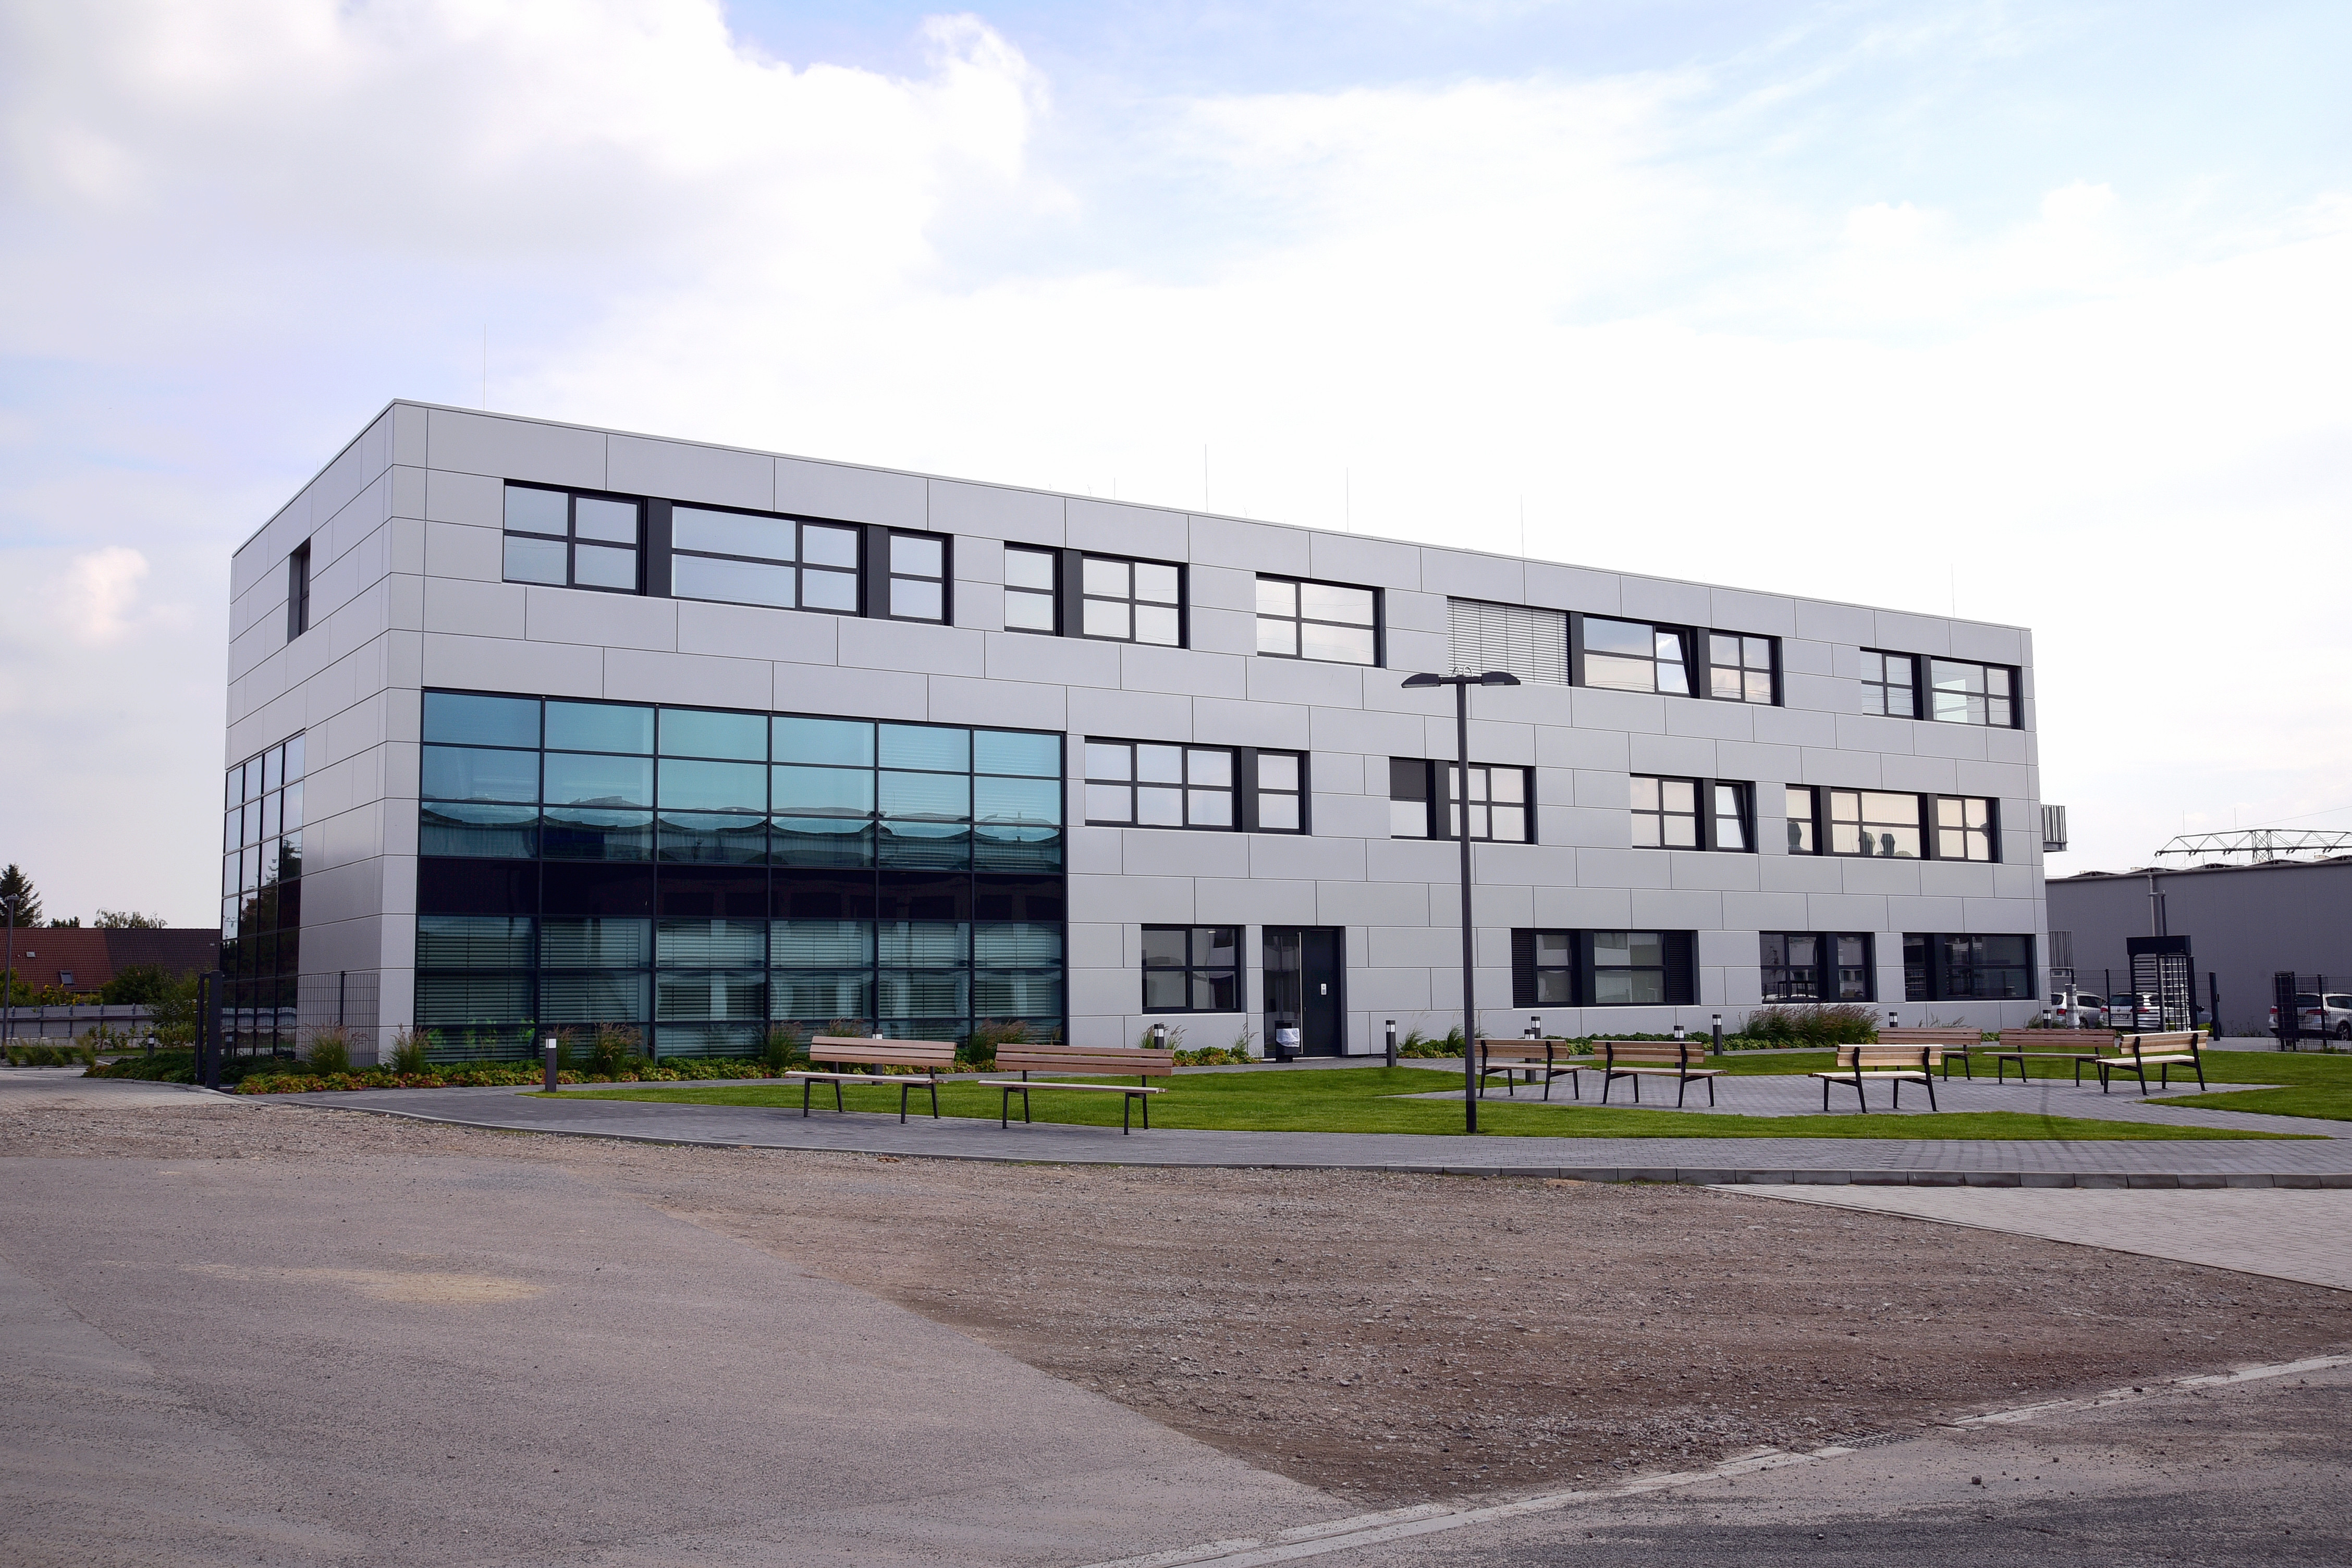 Referenzgebäude: KLEUSBERG GmbH & Co. KG / Hauptniederlassung Ost